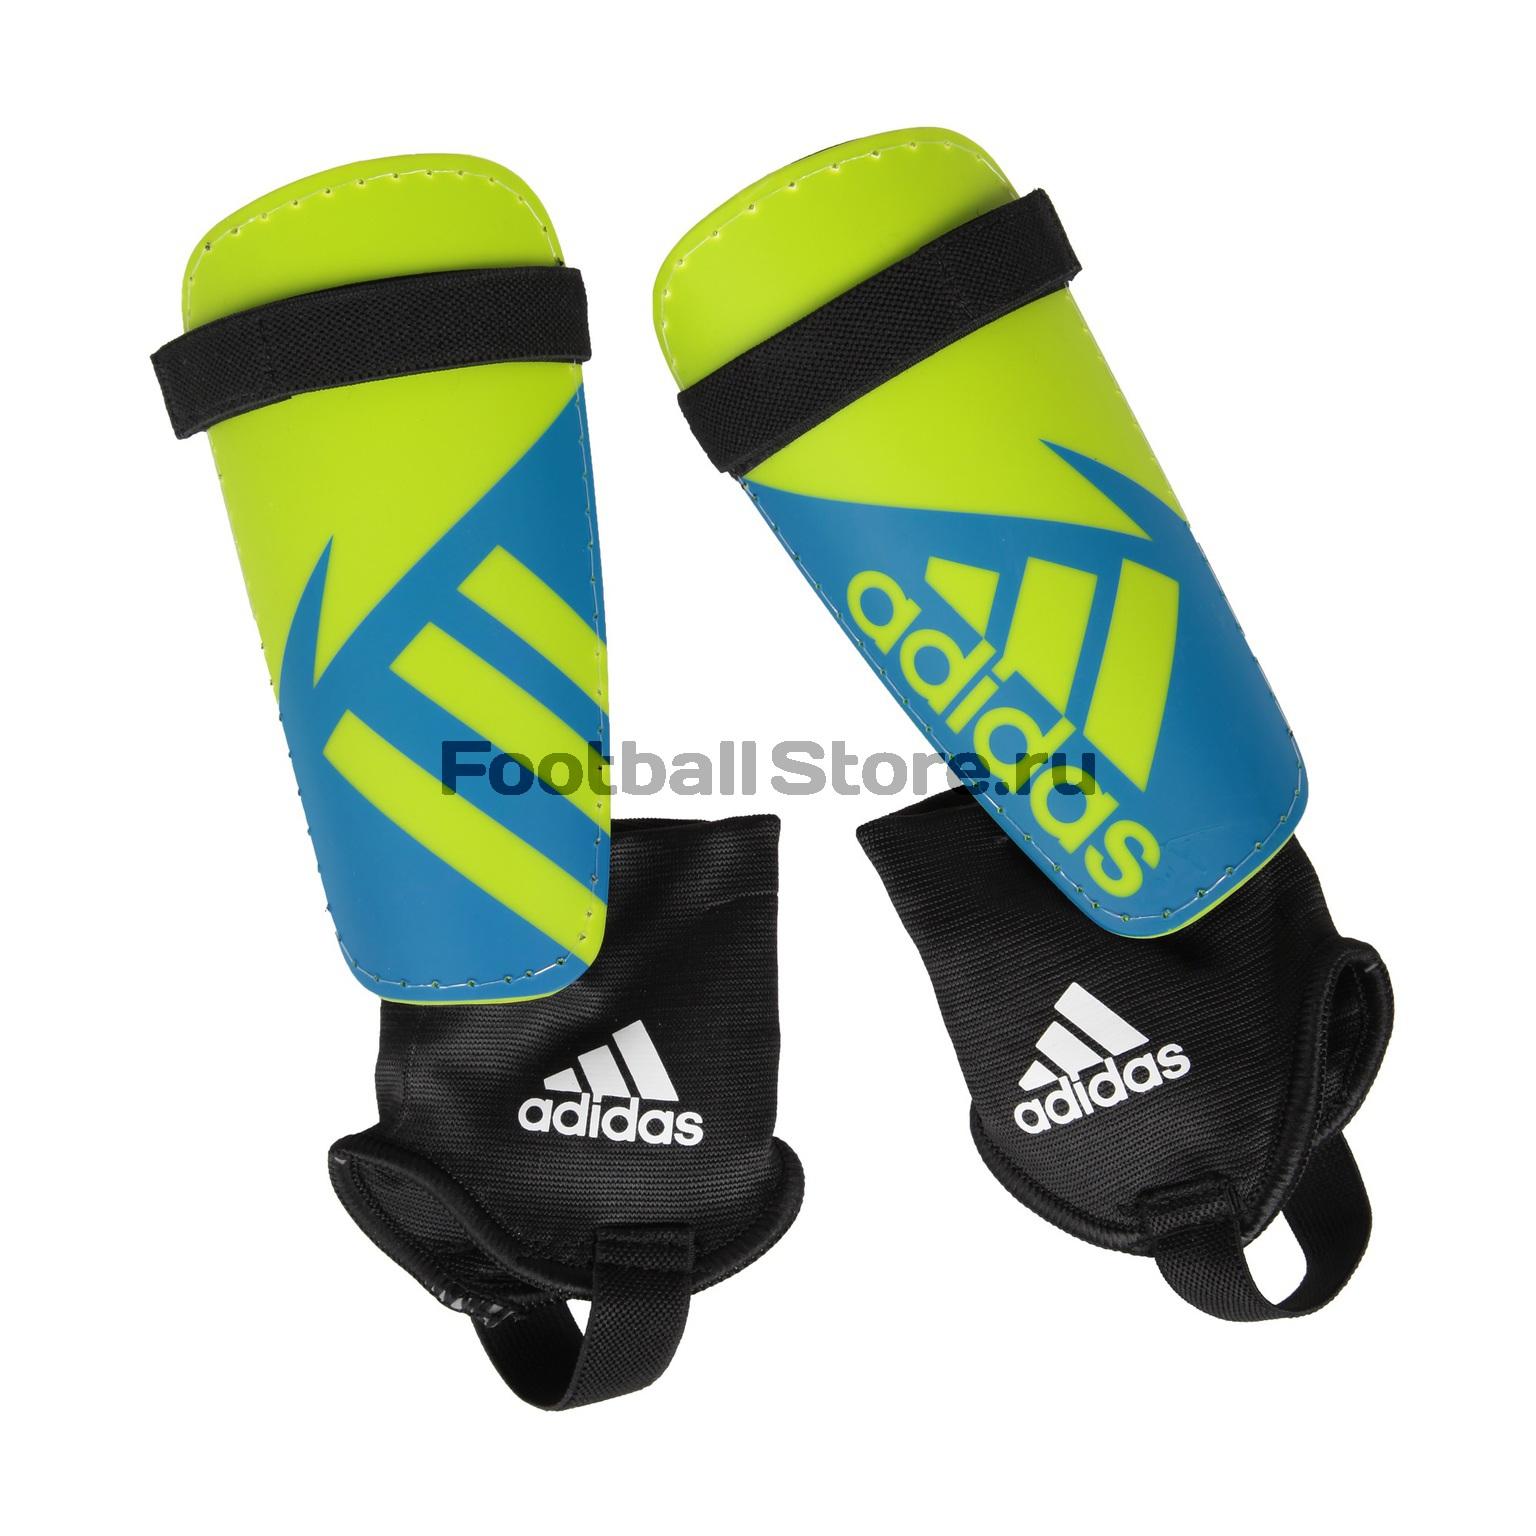 все цены на Защита ног Adidas Щитки футбольные adidas ghost club AH7769 онлайн